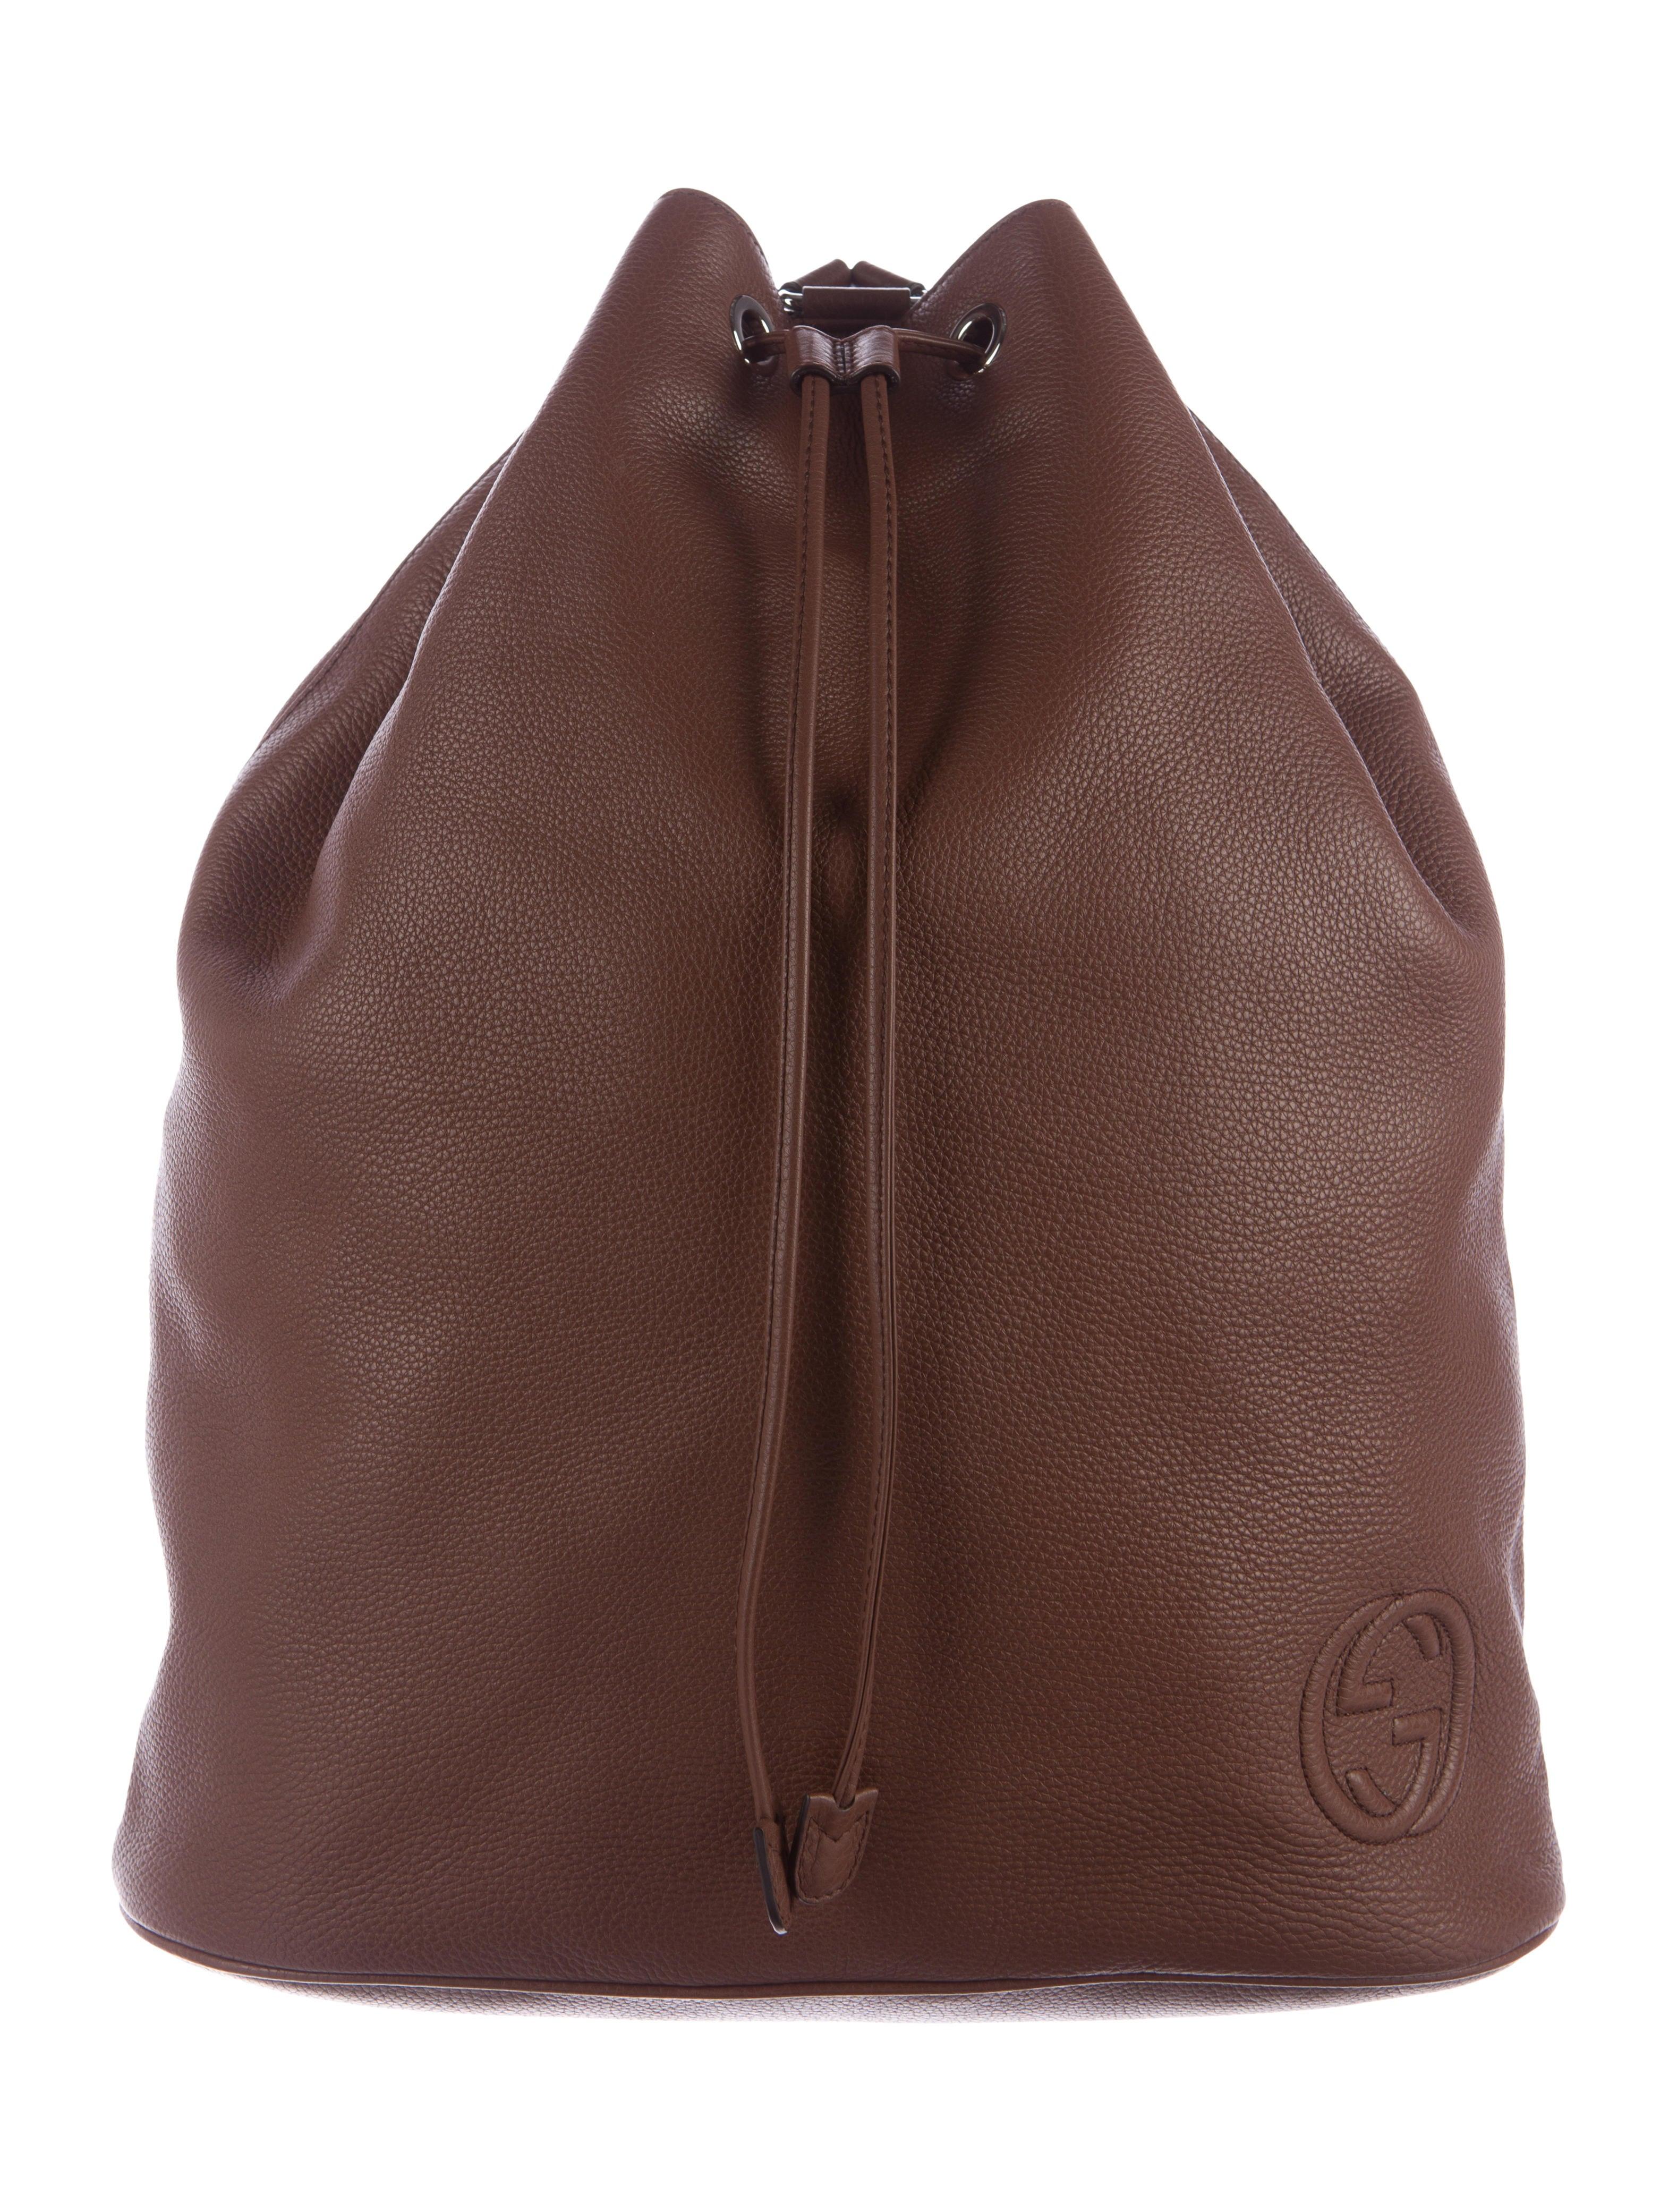 21a66ade910 Gucci Soho Drawstring Backpack - Handbags - GUC154459